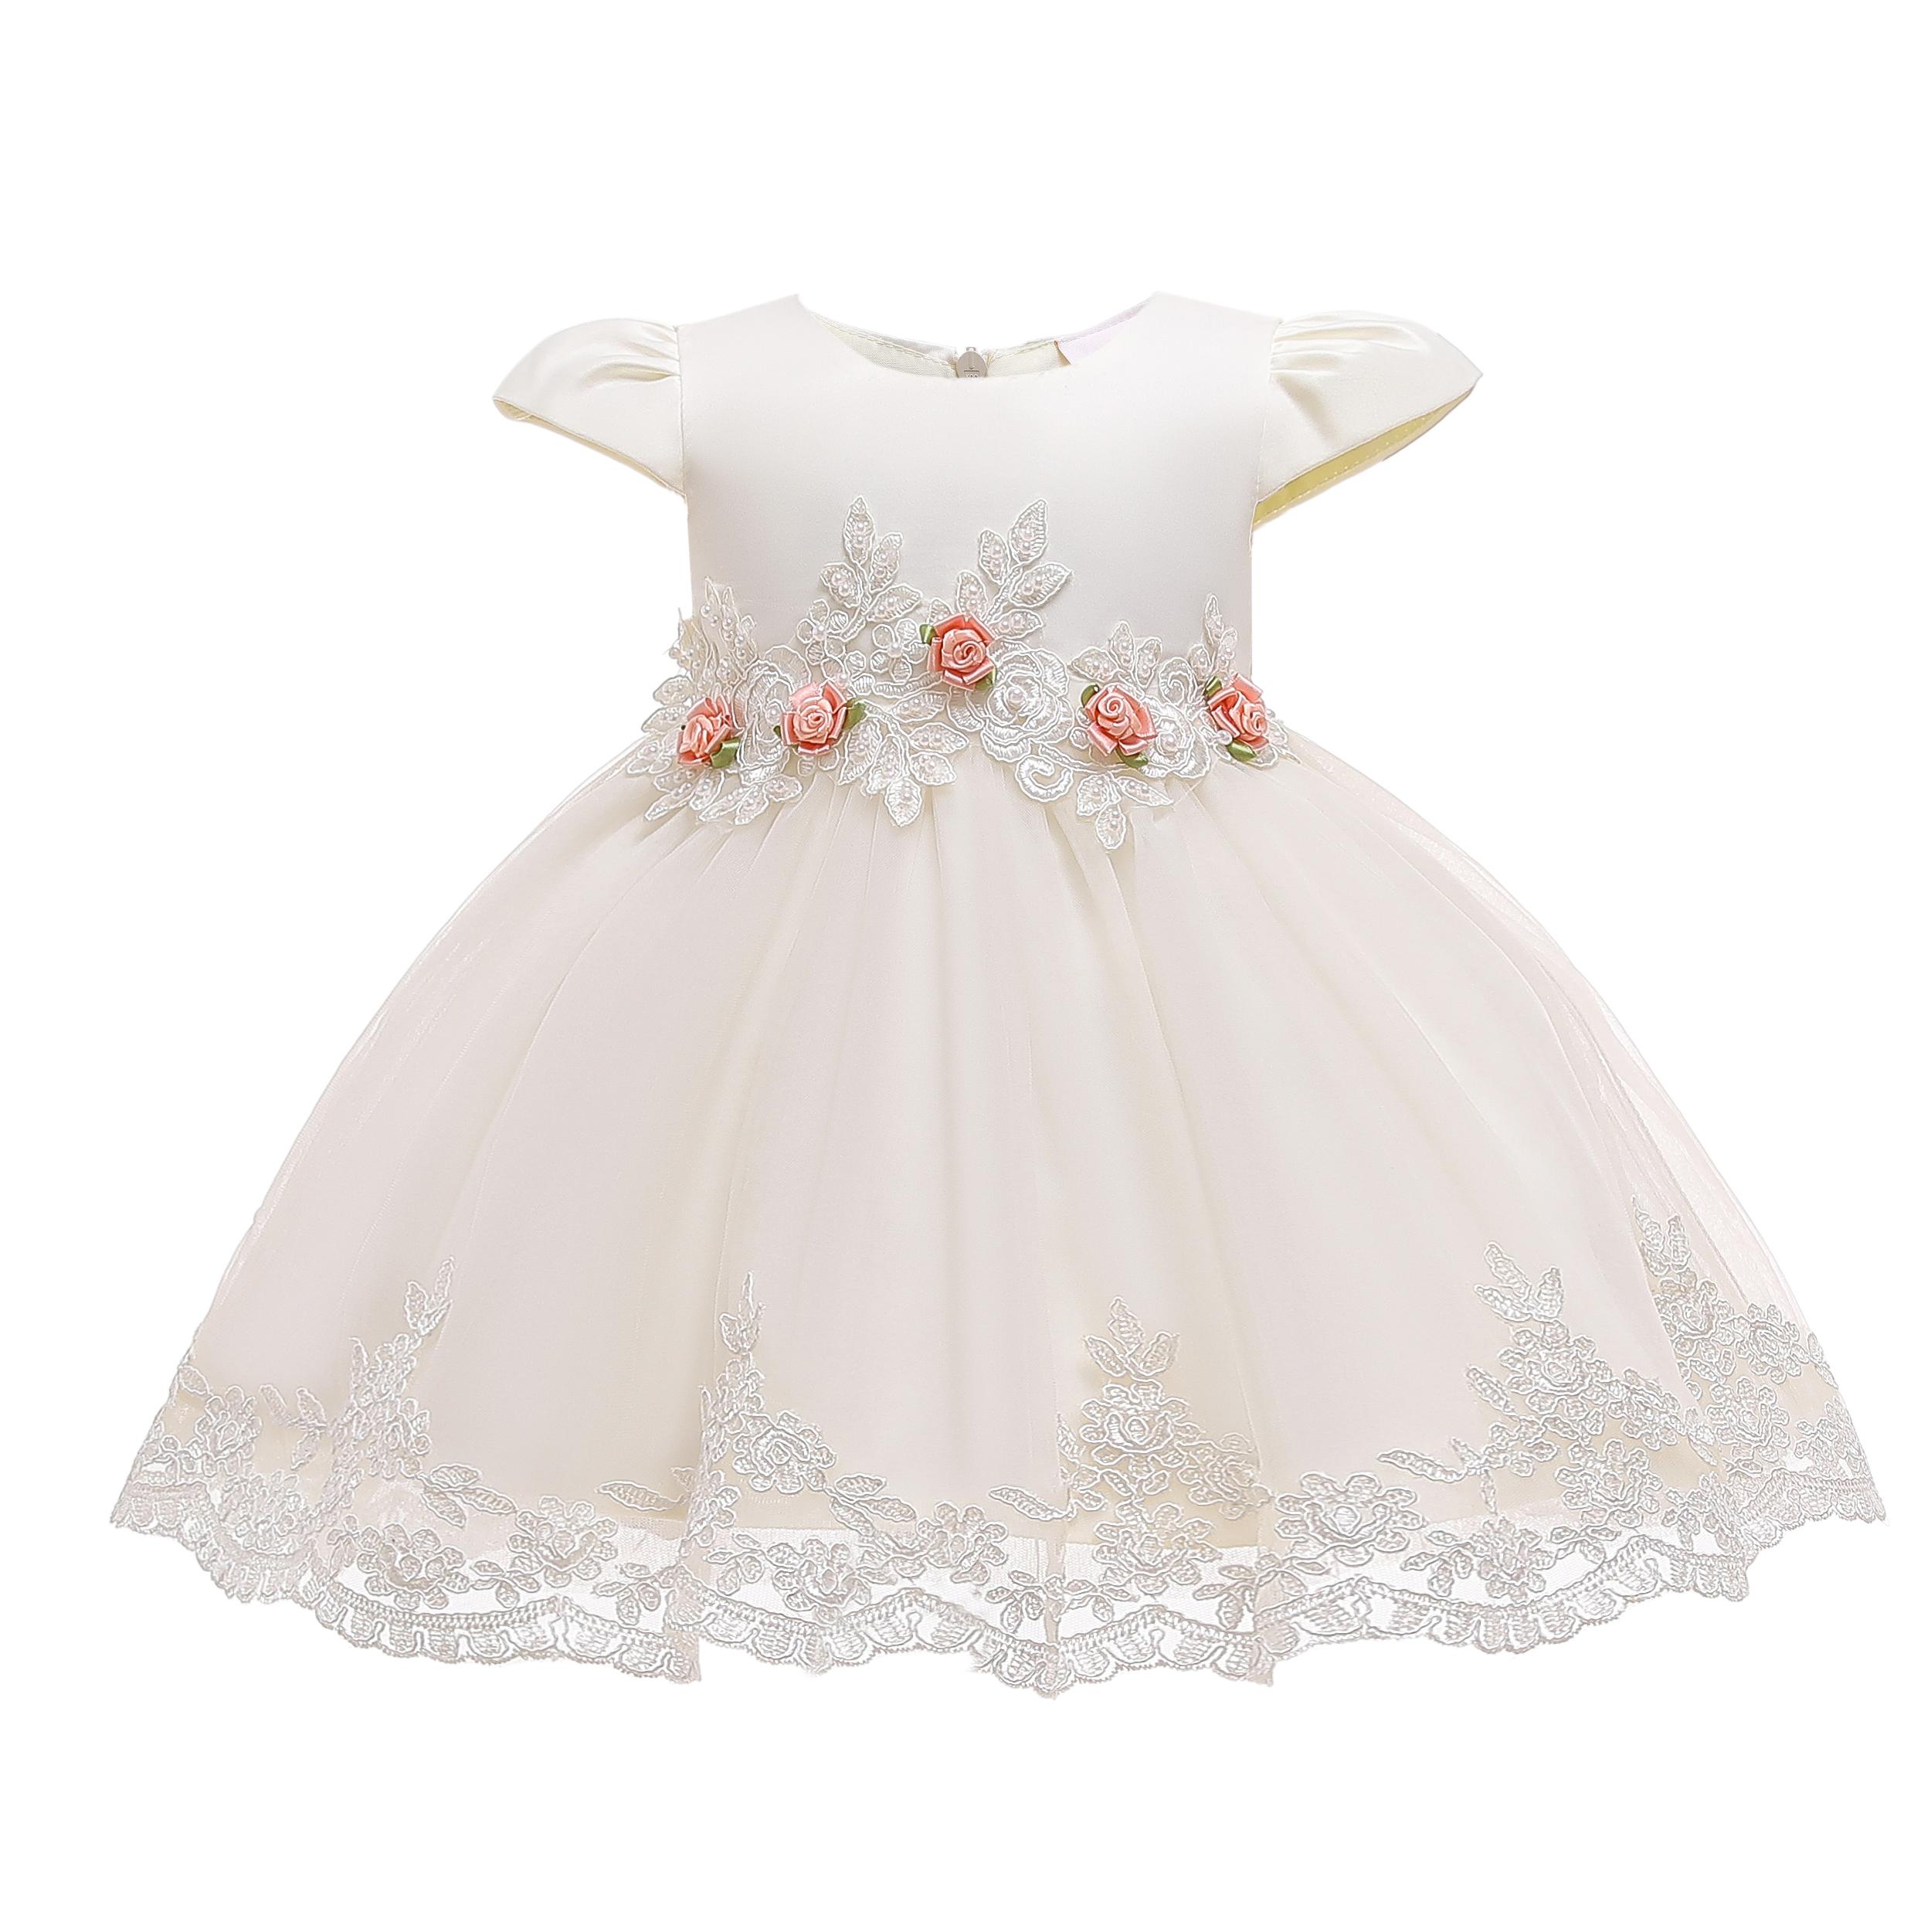 Las niñas vestidos de niño 2020 desgaste lindo vestidos de niña vestido modelo corto verano vestido para la boda de fiesta de noche